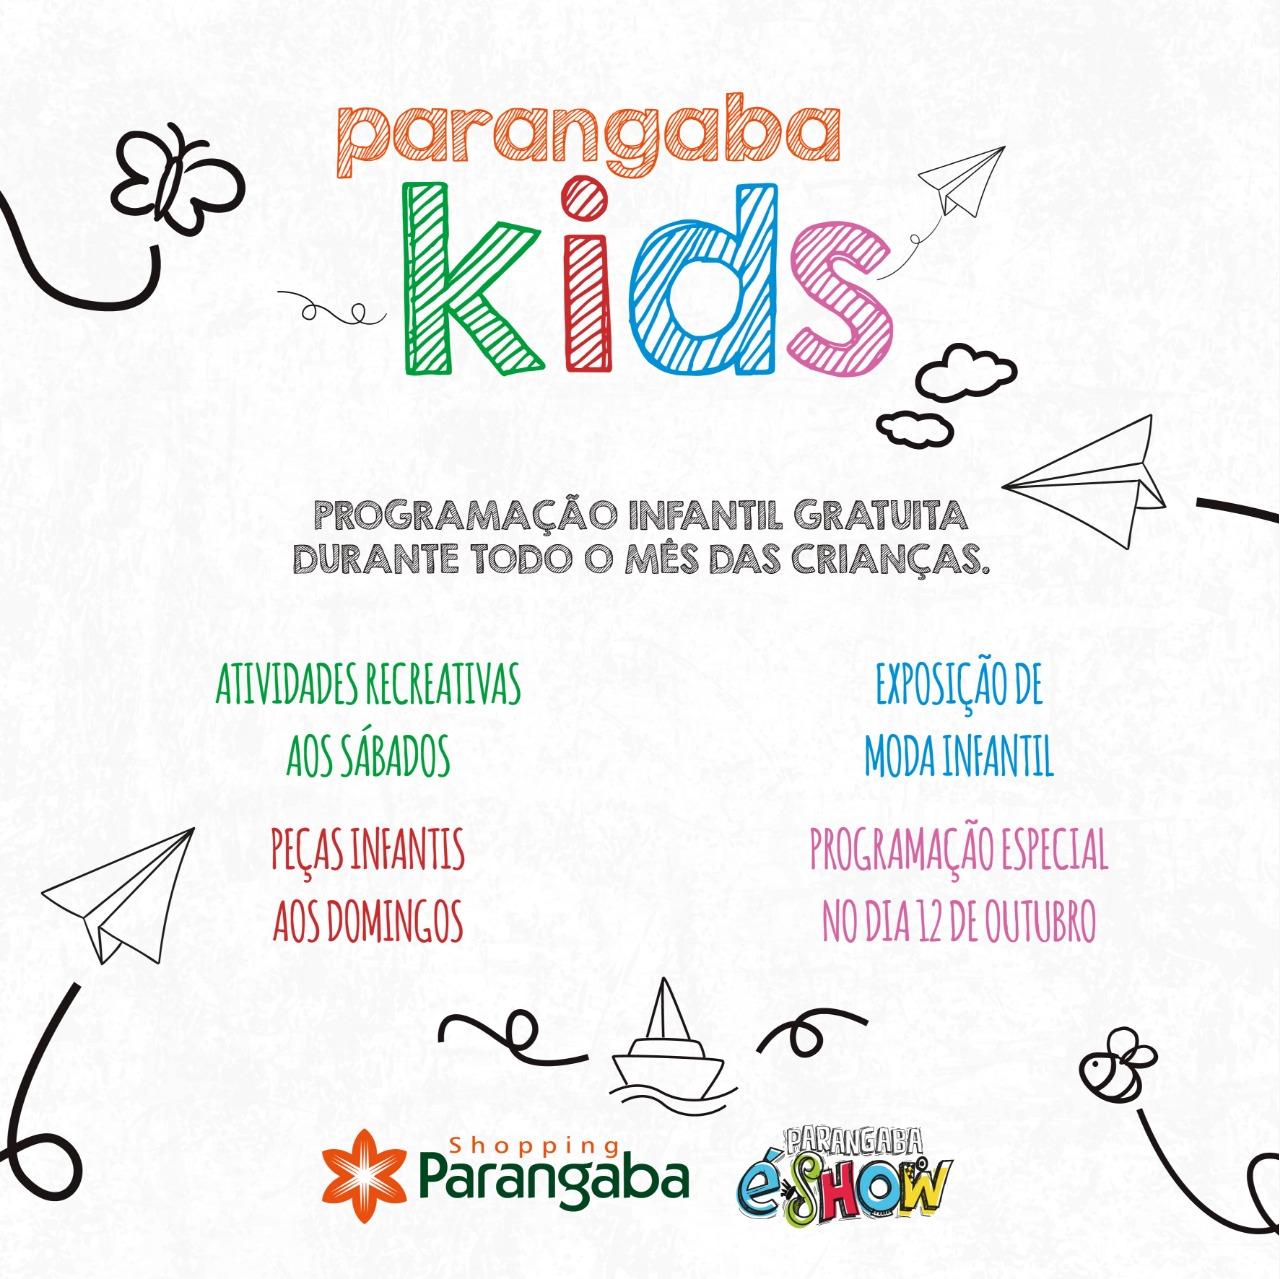 cb46b14c2 Shopping Parangaba apresenta nesta sexta programação especial para ...